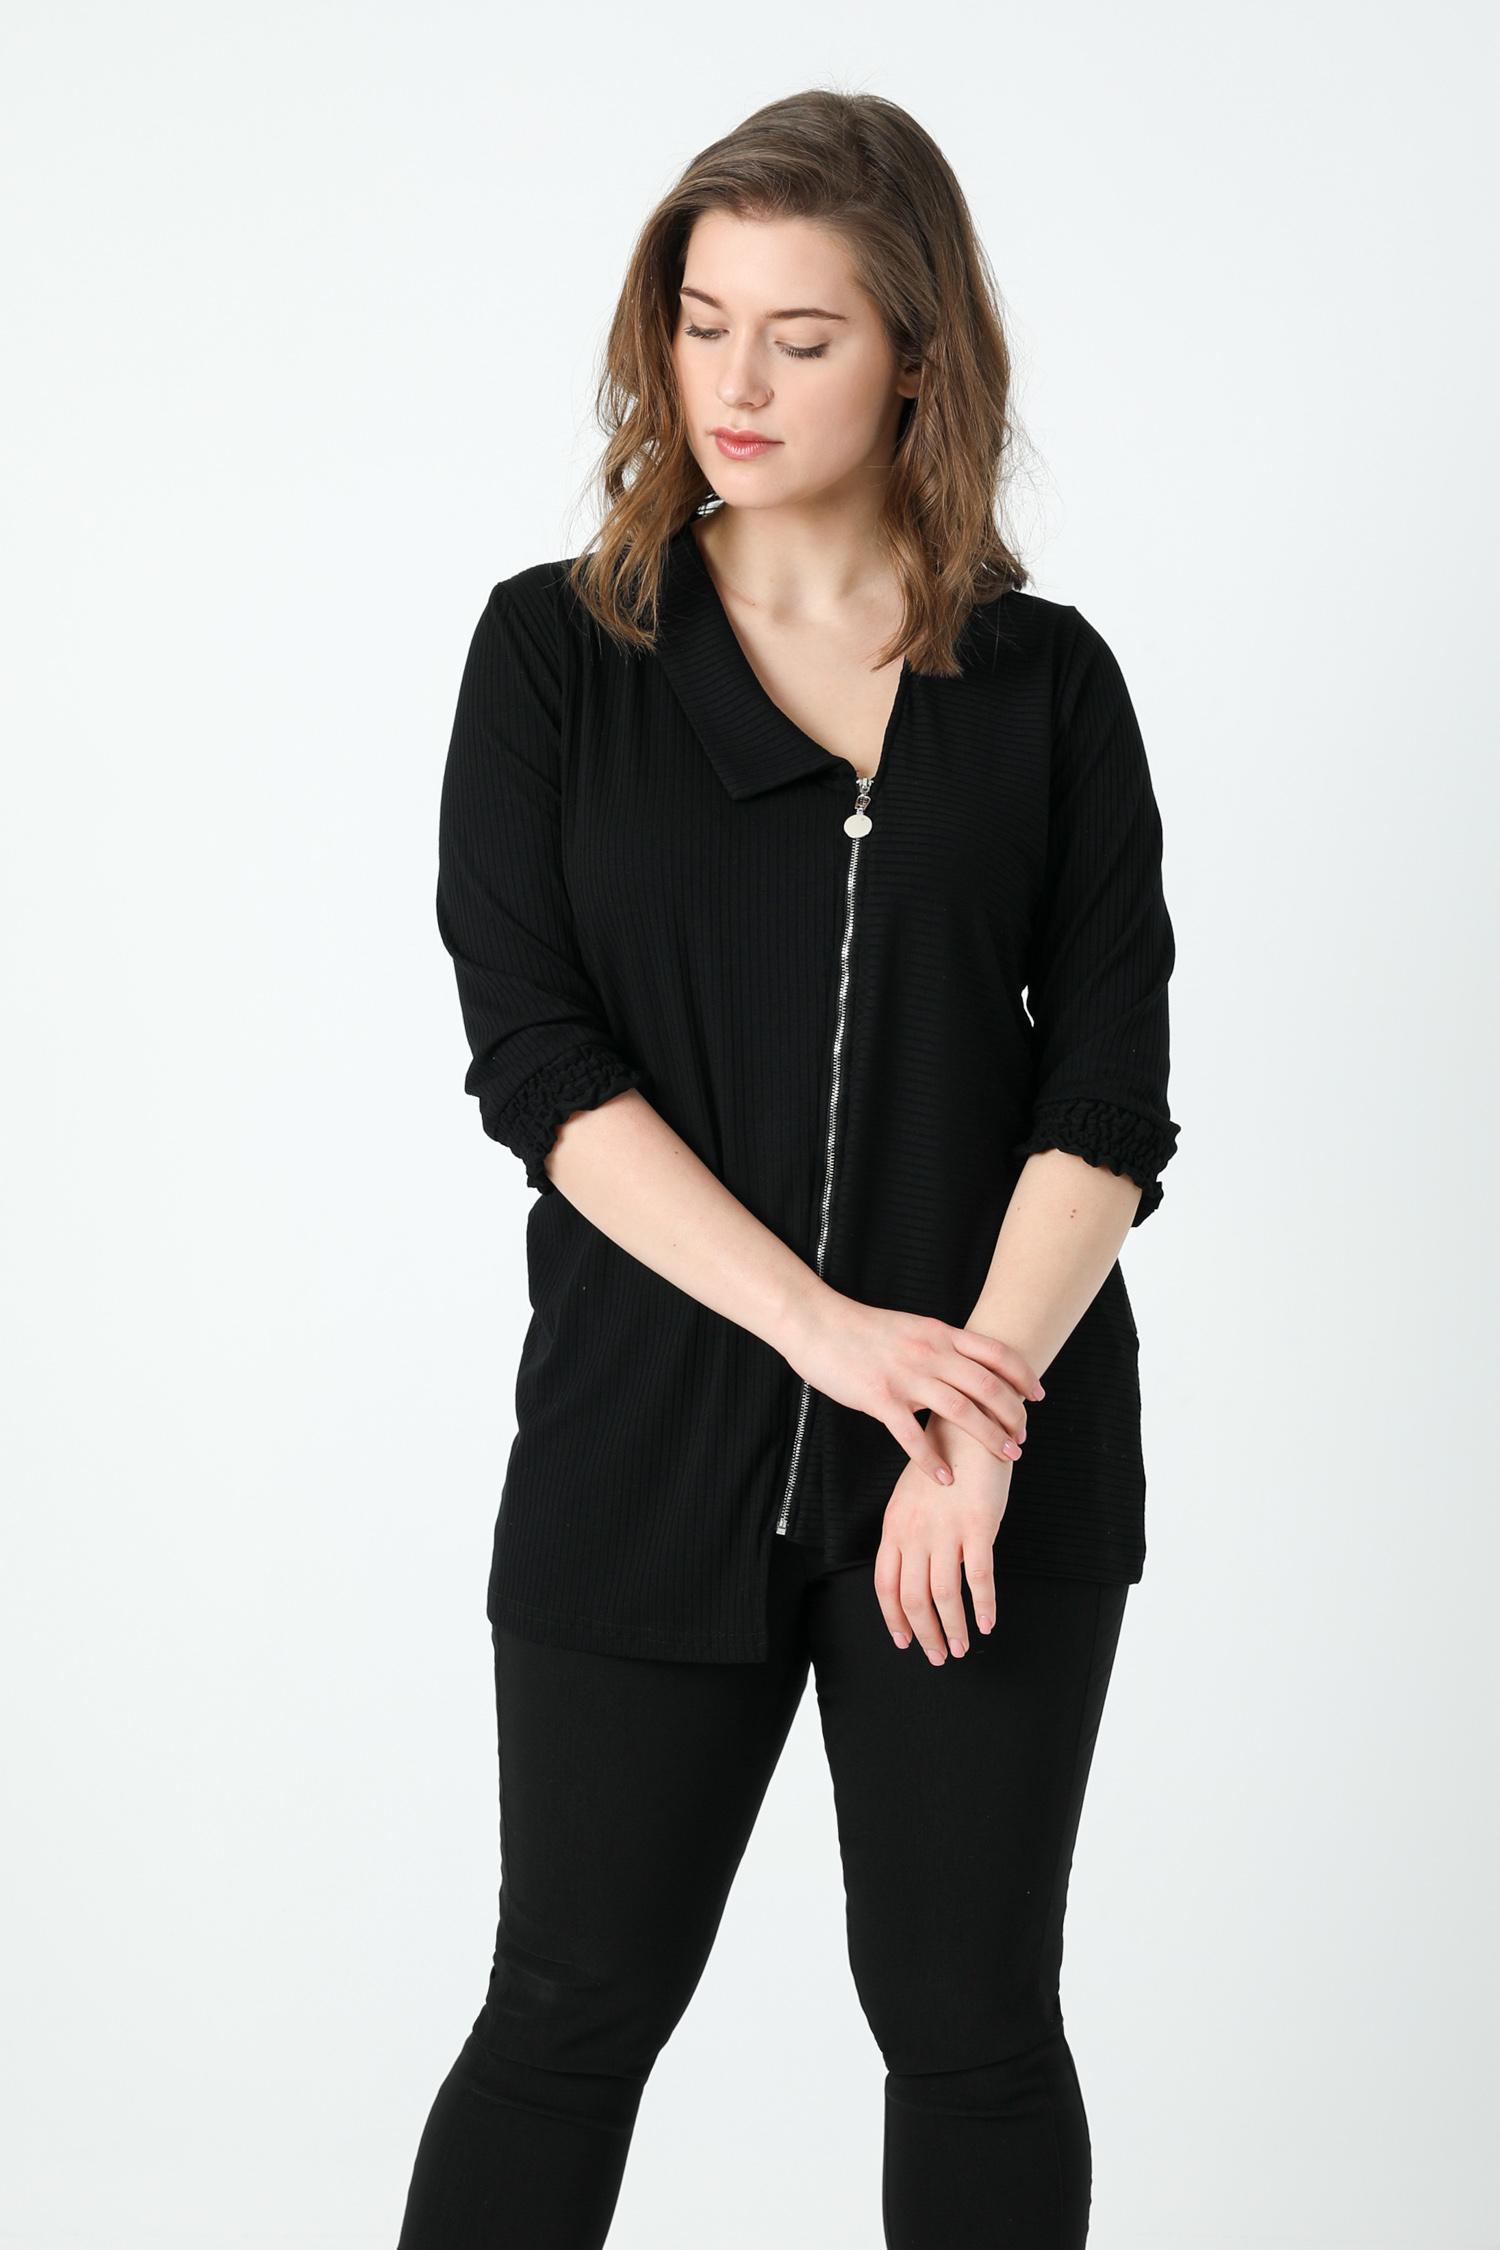 Zipped mesh cardigan (shipping February 25/28).